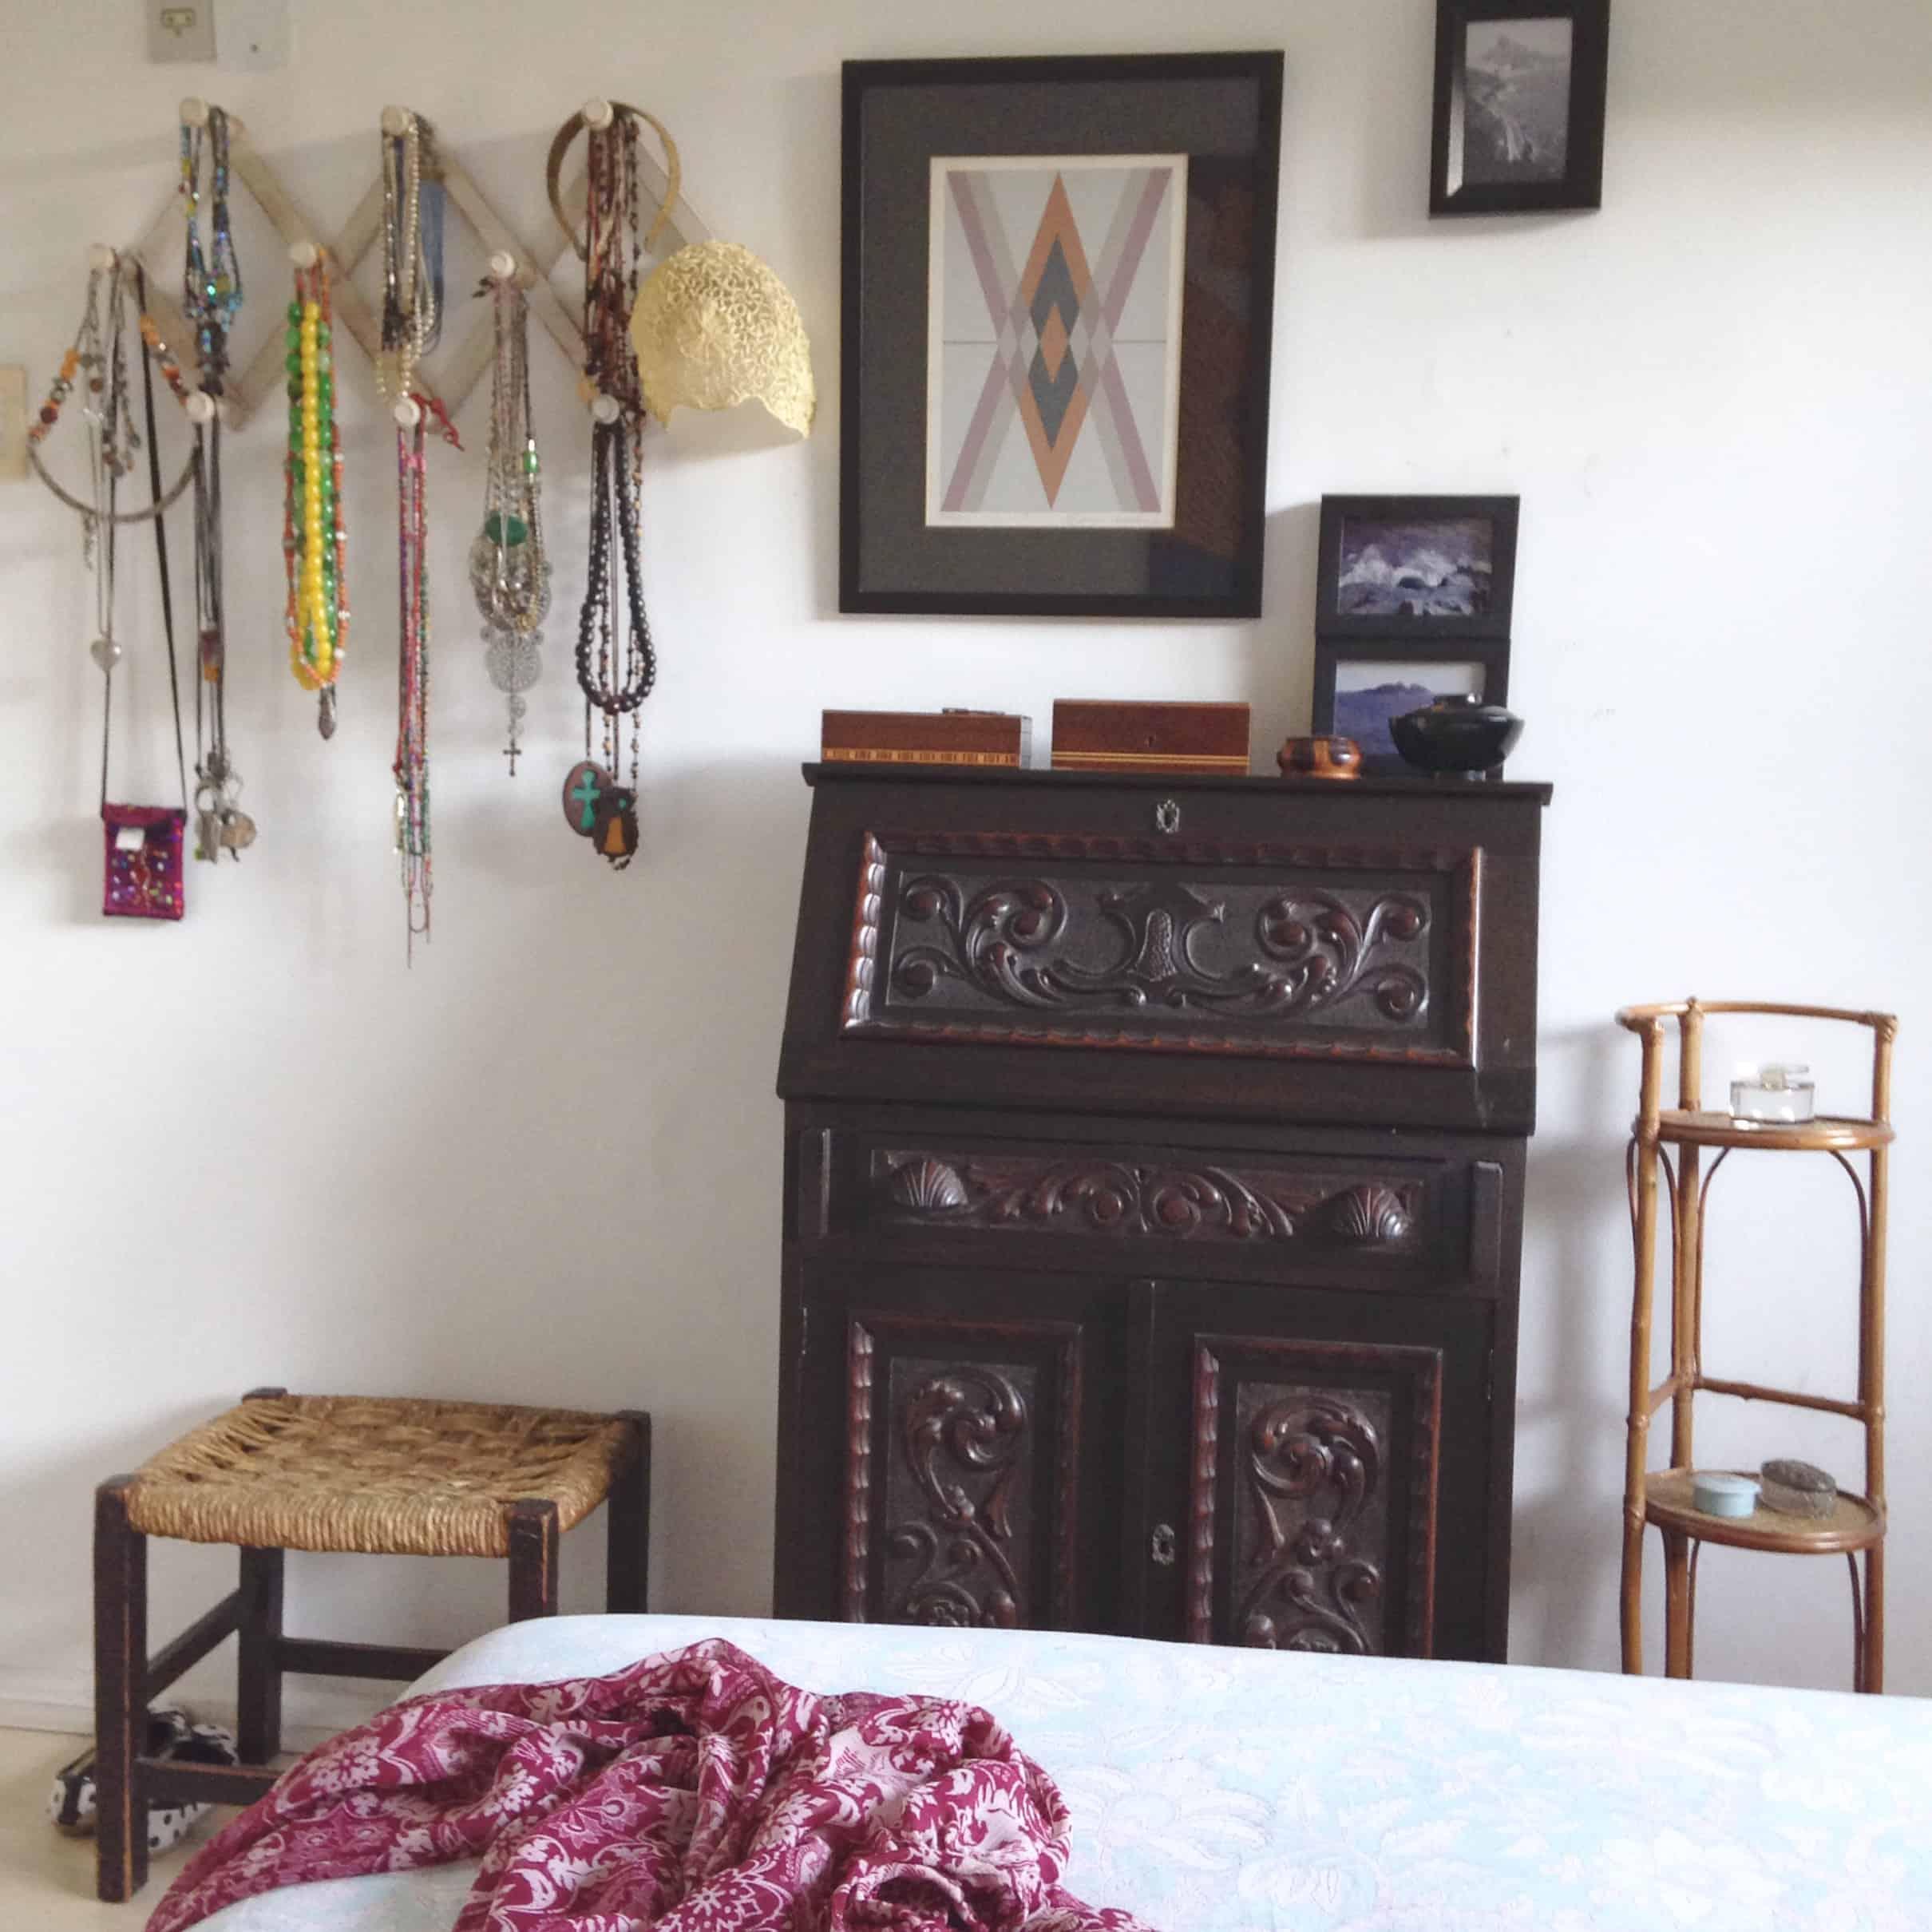 decoração simples e estilosa de a a z herança móveis com história